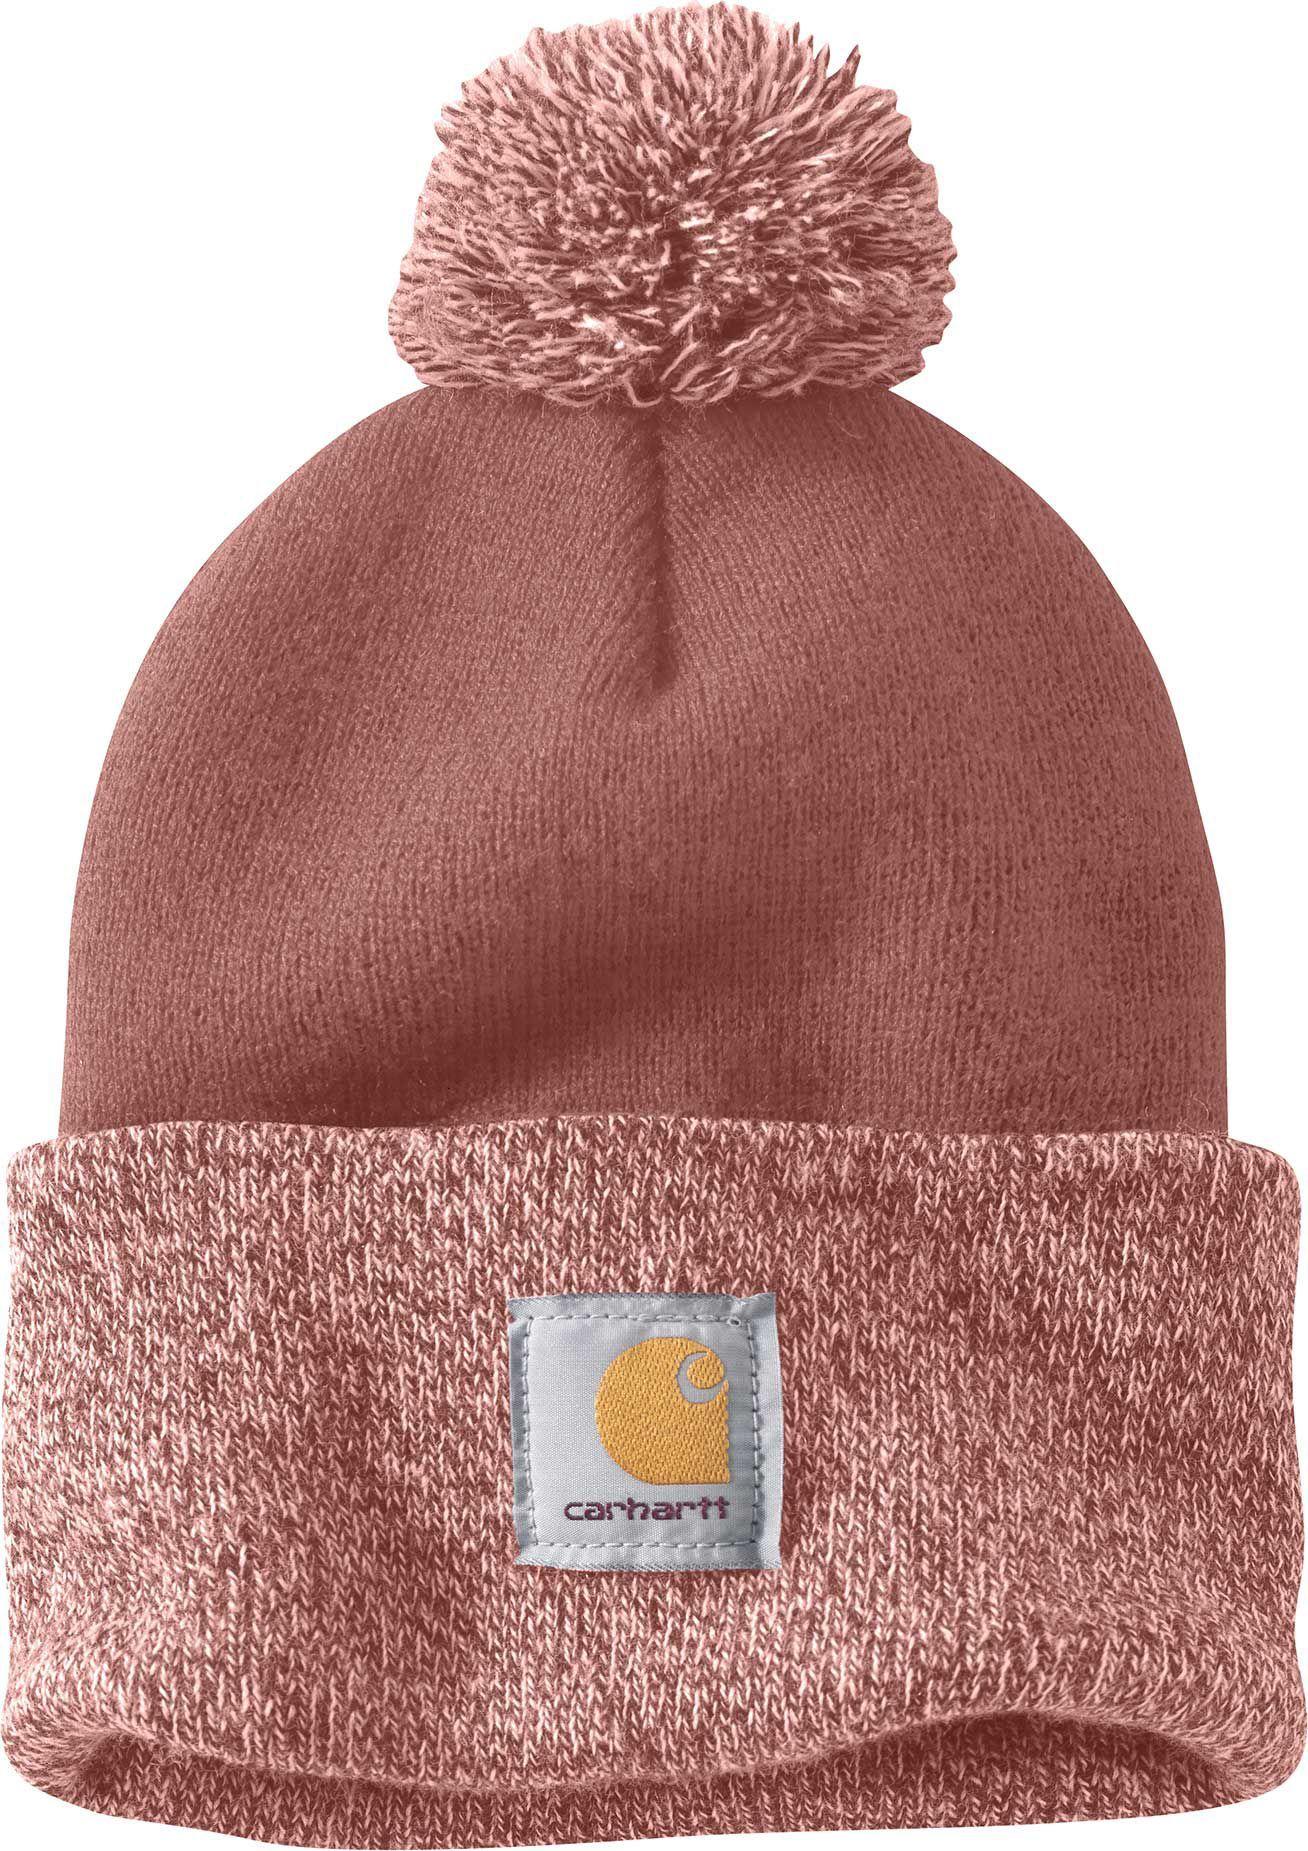 Carhartt Women s Lookout Pom Pom Hat  dcd802f7bbd